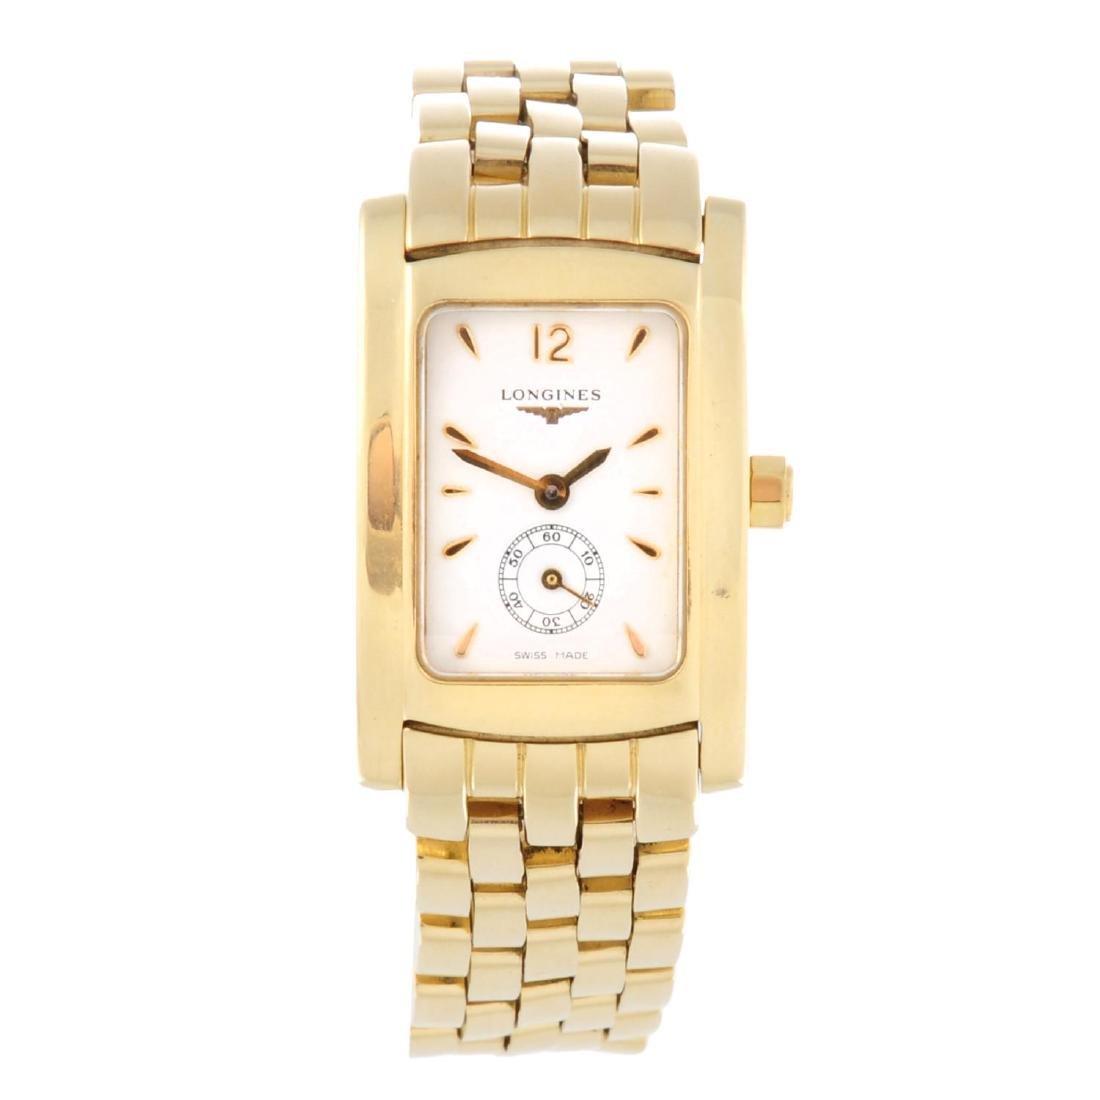 LONGINES - a mid-size Dolce Vita bracelet watch. 18ct